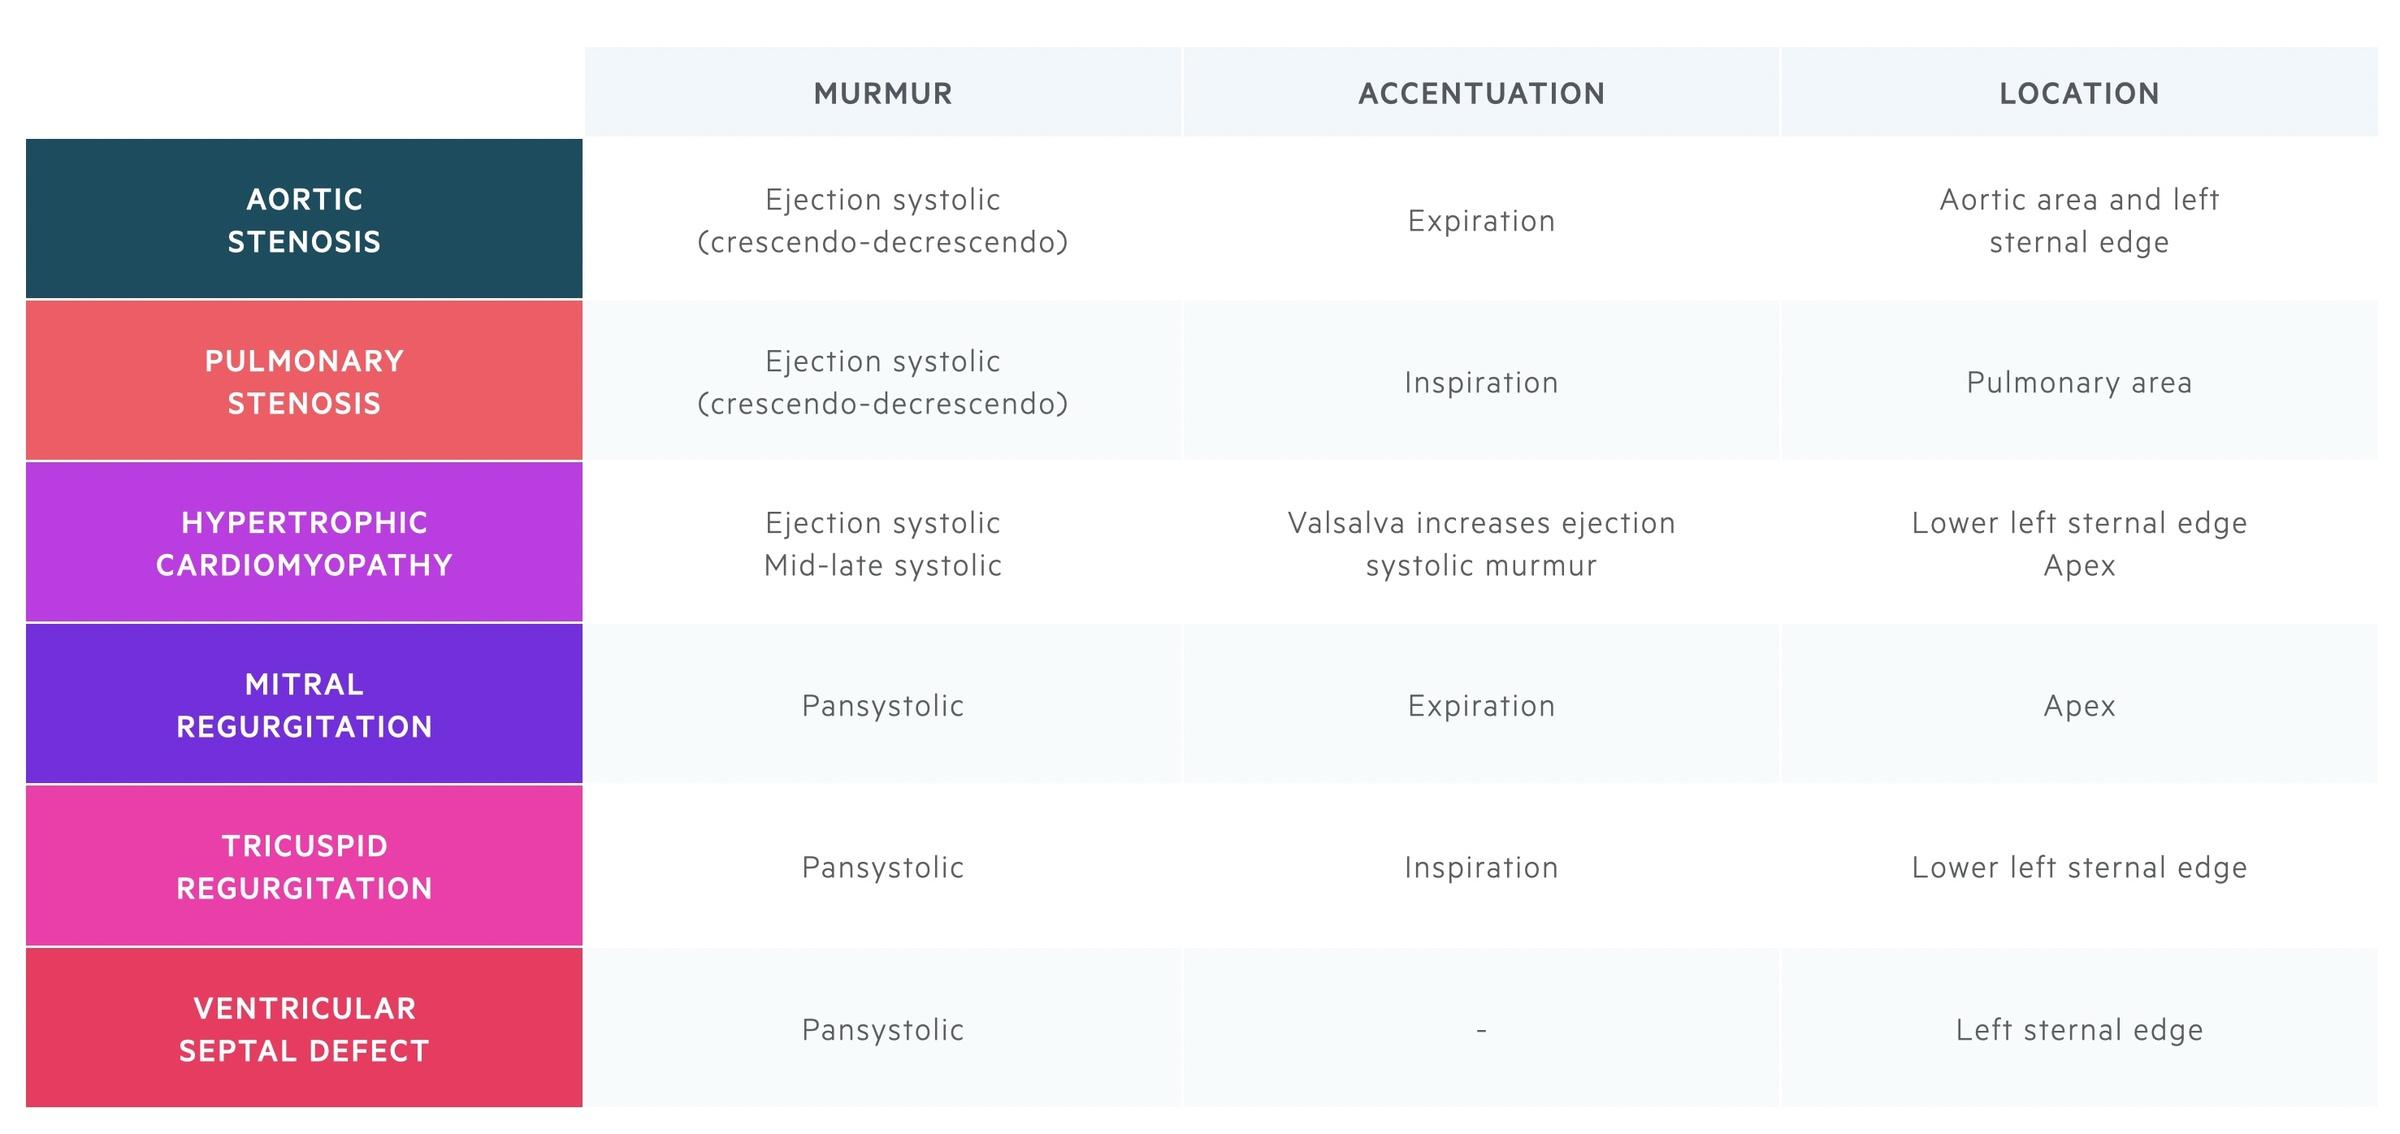 Summary of systolic murmurs